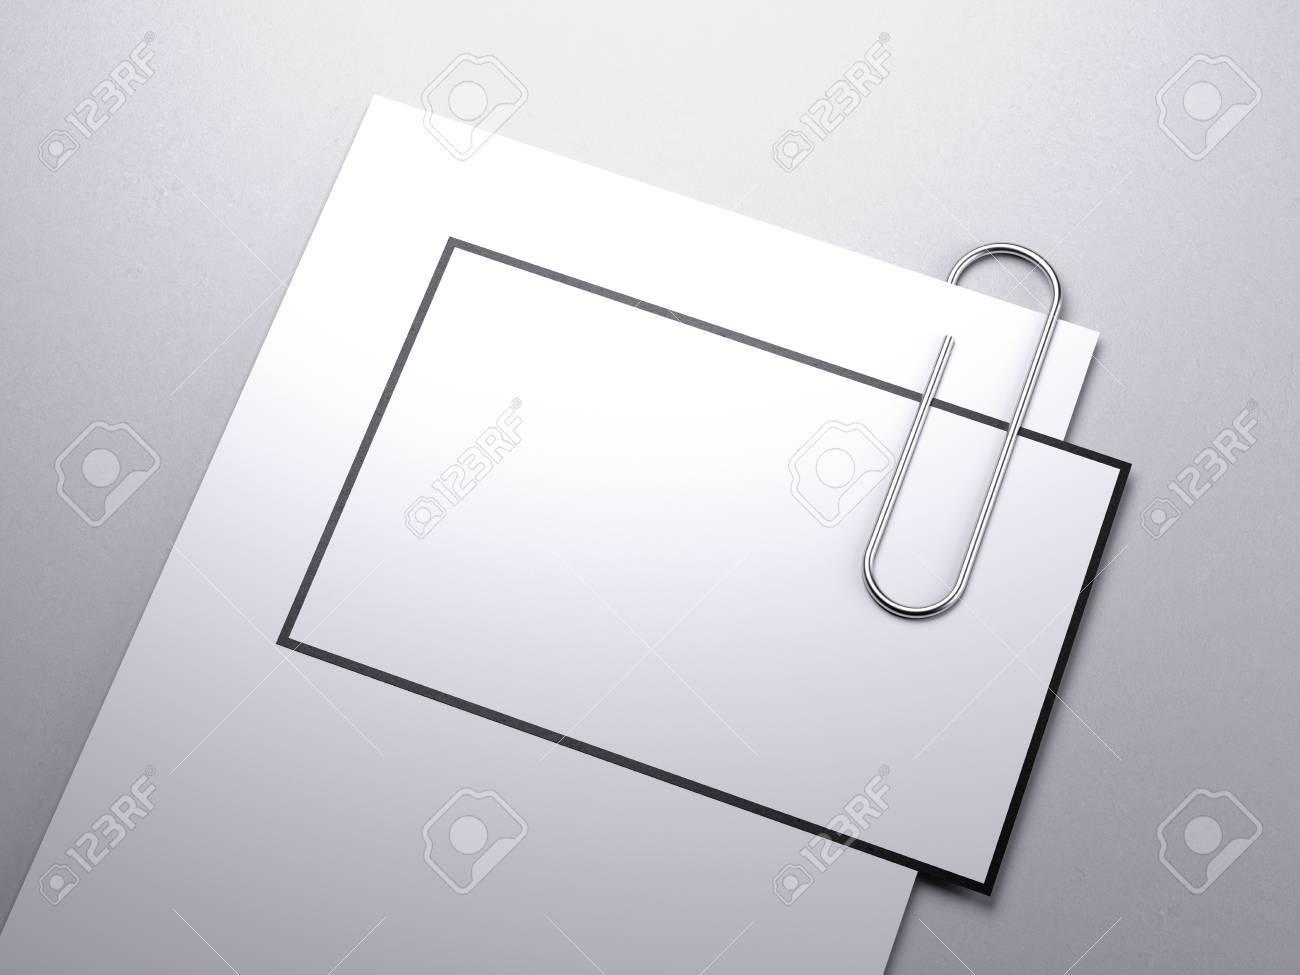 Fußboden Aus Packpapier ~ Blatt papier mit visitenkarte und clip auf weißem fußboden. 3d